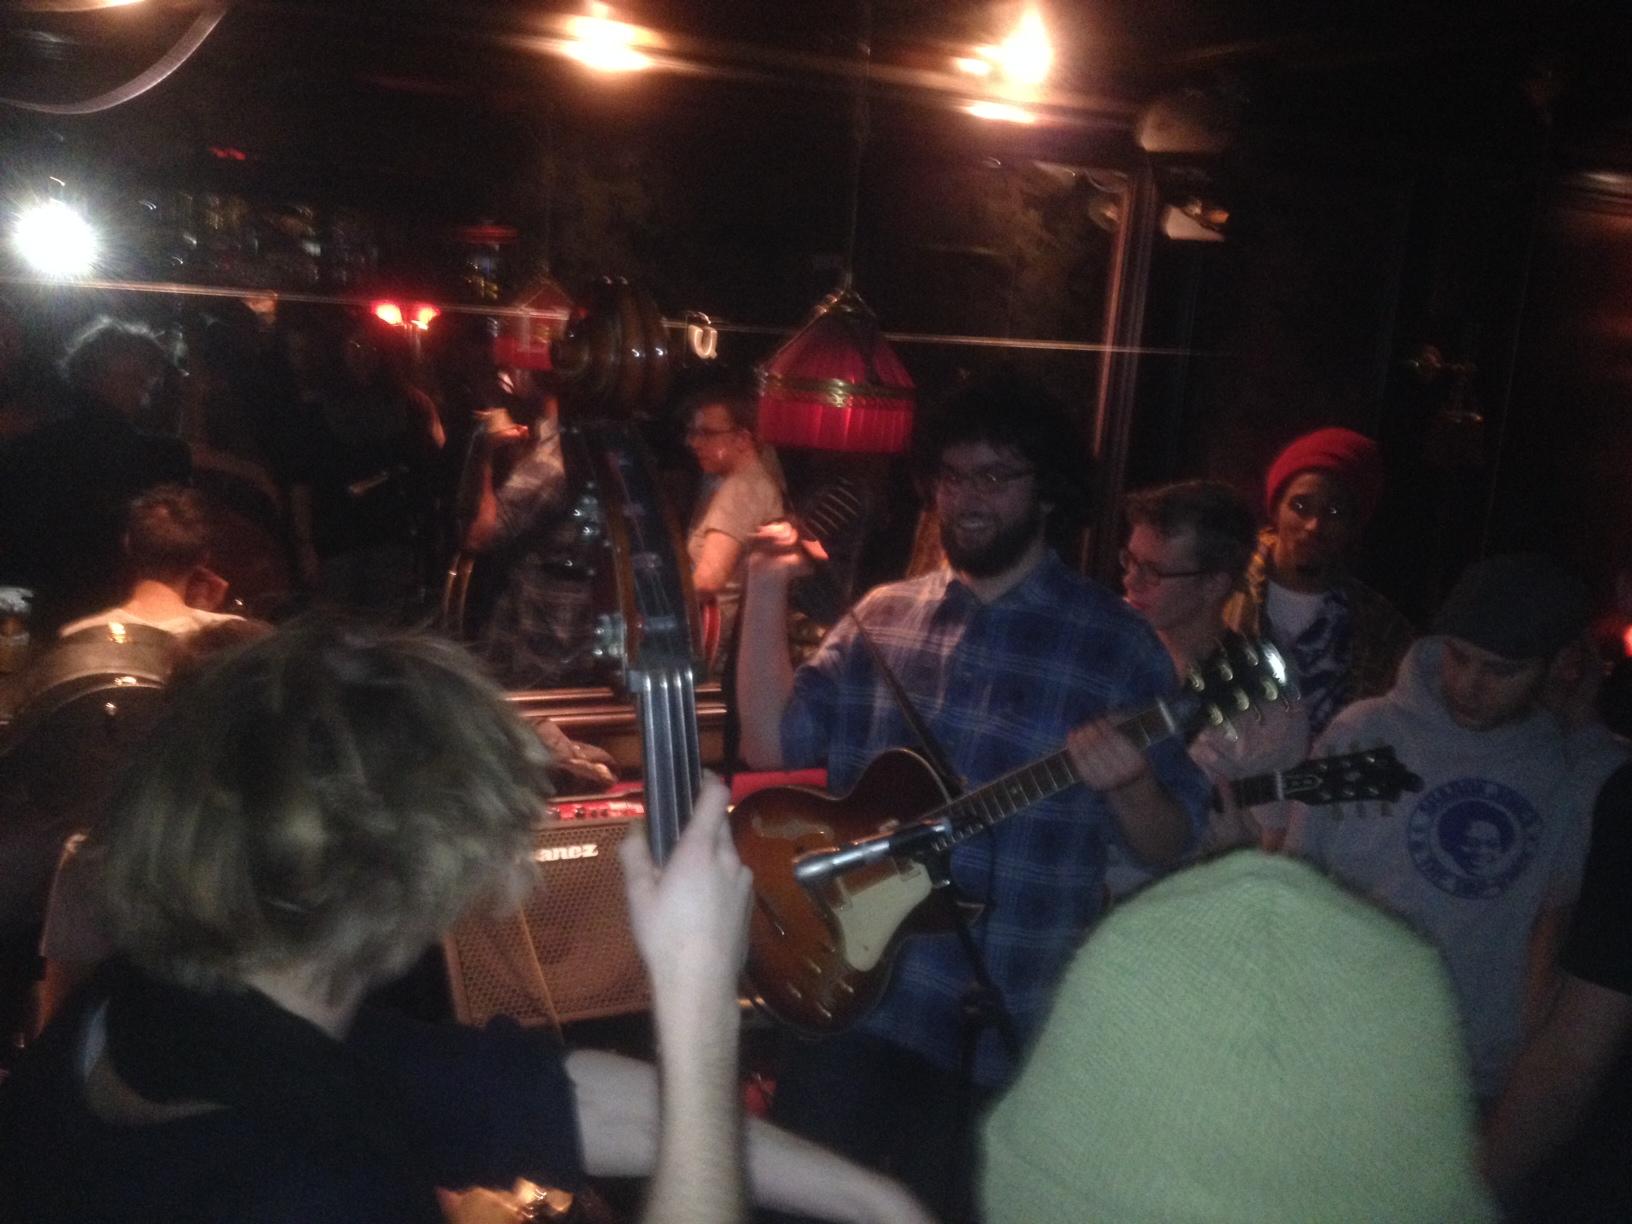 Grandioser Spaß in der Passagen - Bar: Musikschule 4Klang zu Gast bei Freunden!